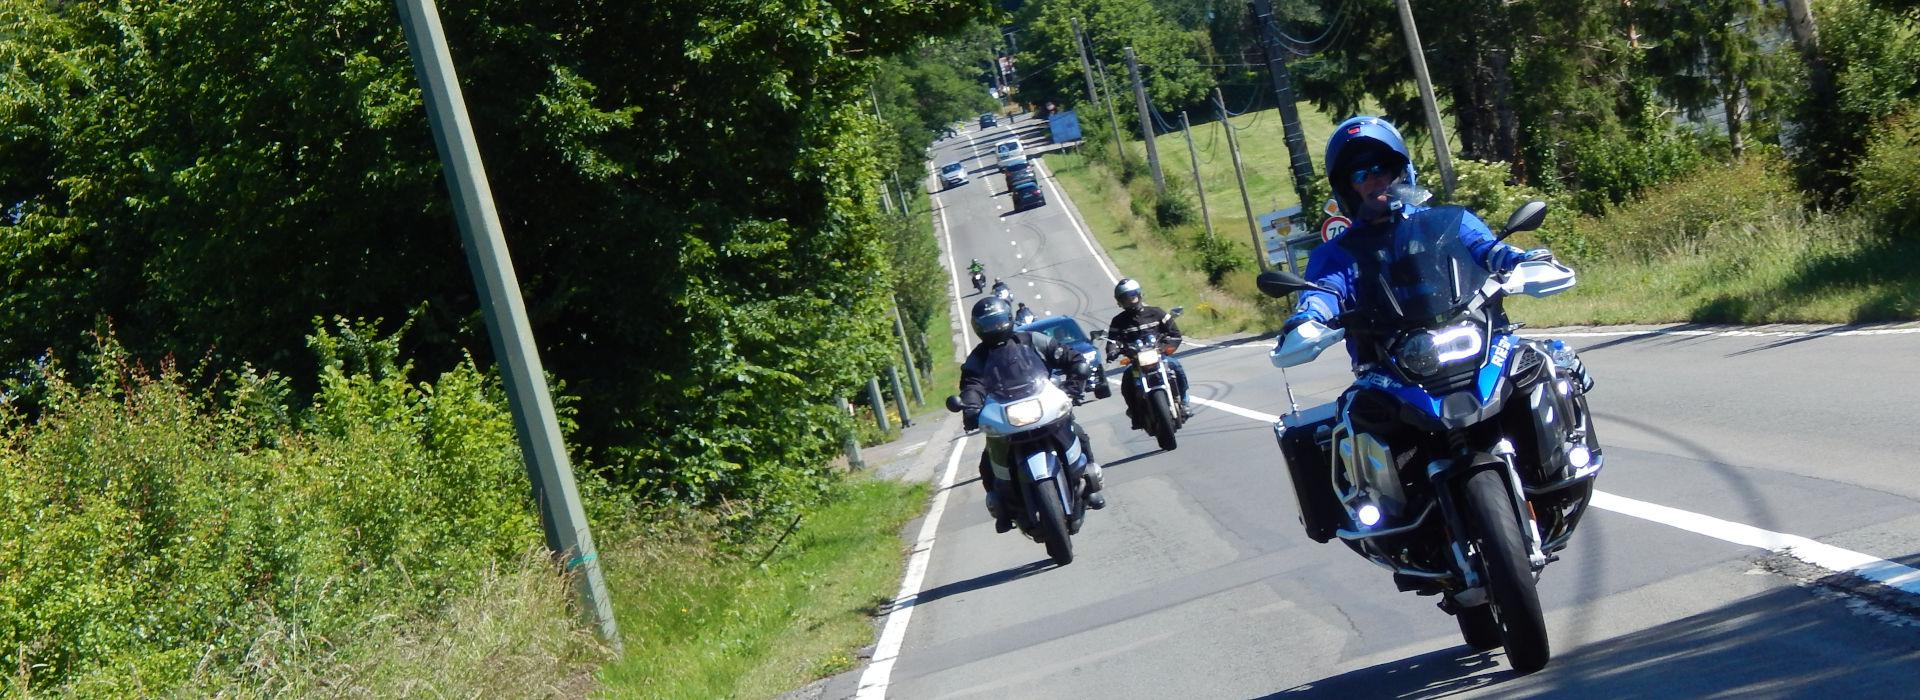 Motorrijbewijspoint Schimmert spoed motorrijbewijs